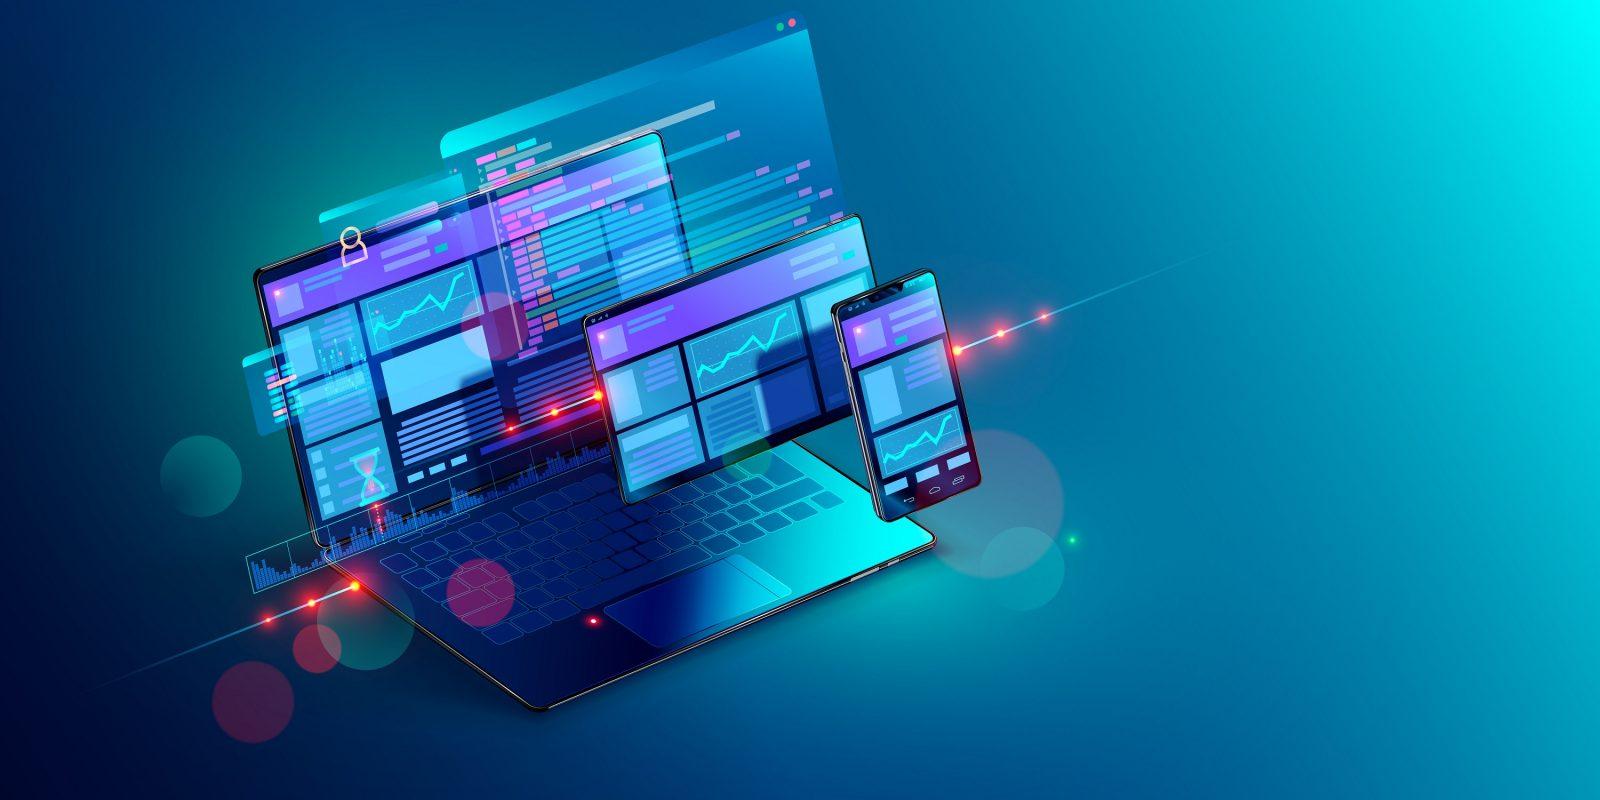 Développement web et code informatique. Concept 3D de développement web multi-plateformes sur un ordinateur portable, une tablette et un téléphone.